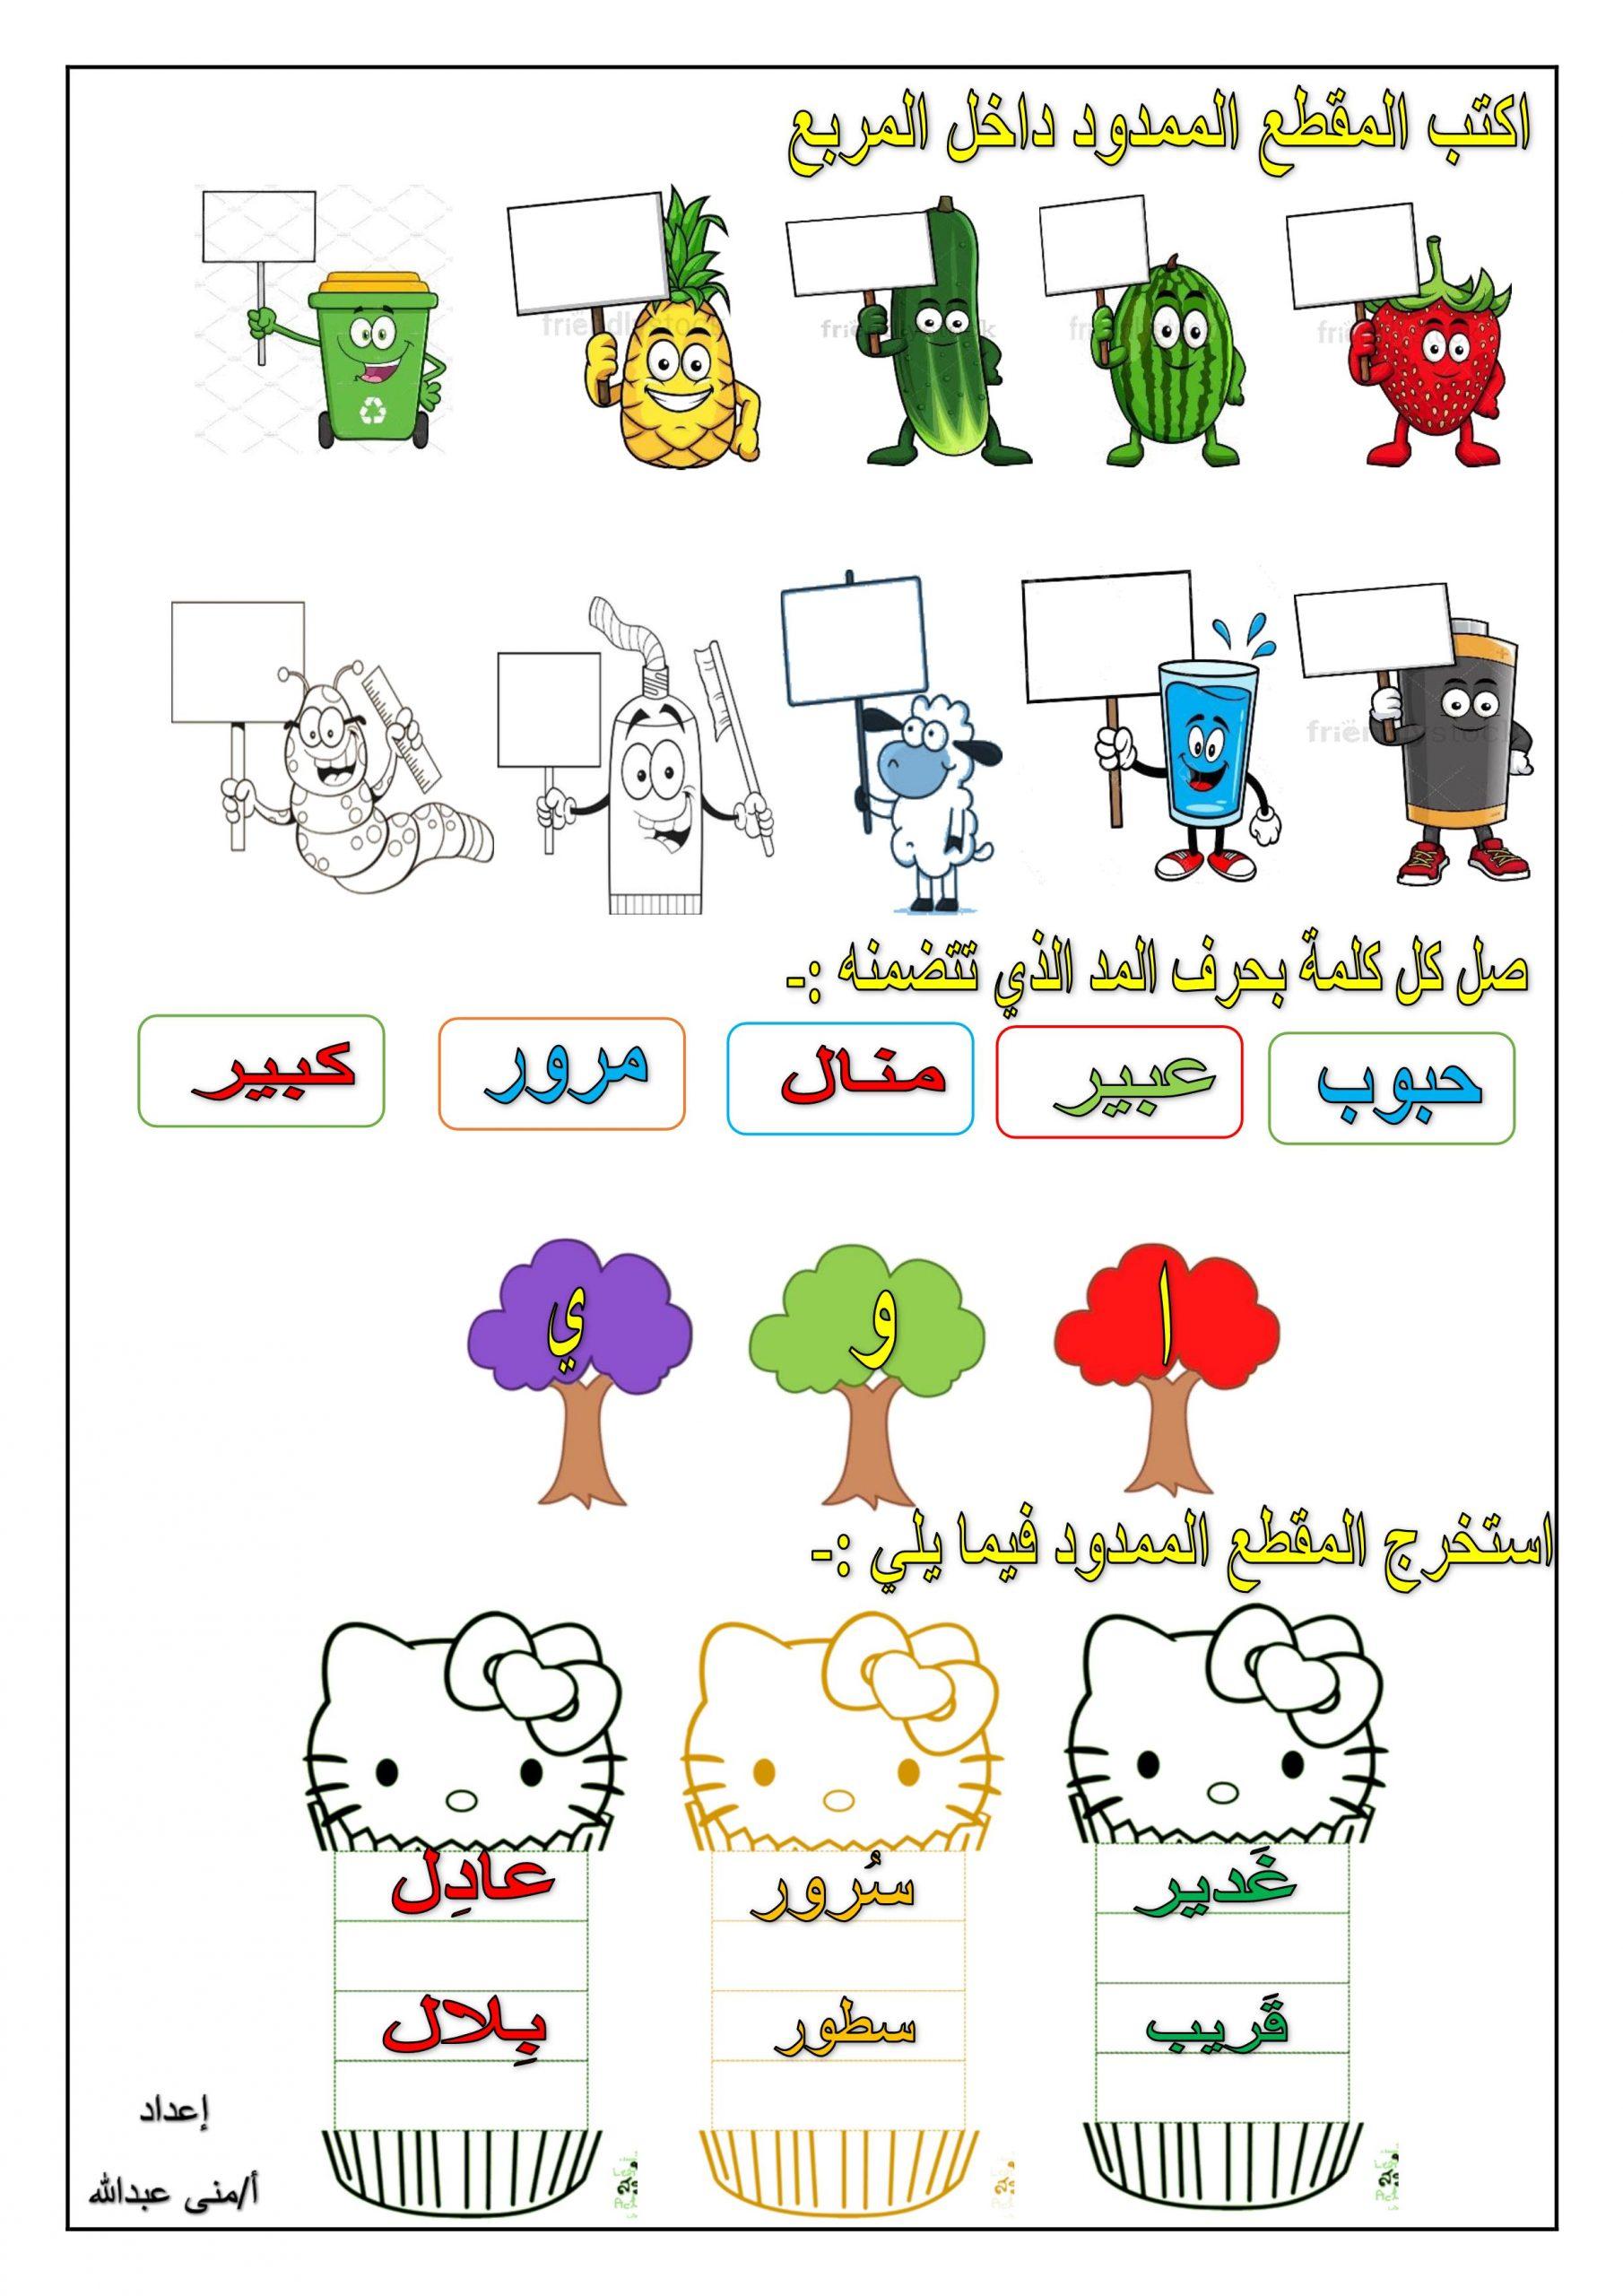 ورقة عمل مد الالف والواو والياء للصف الاول مادة اللغة العربية